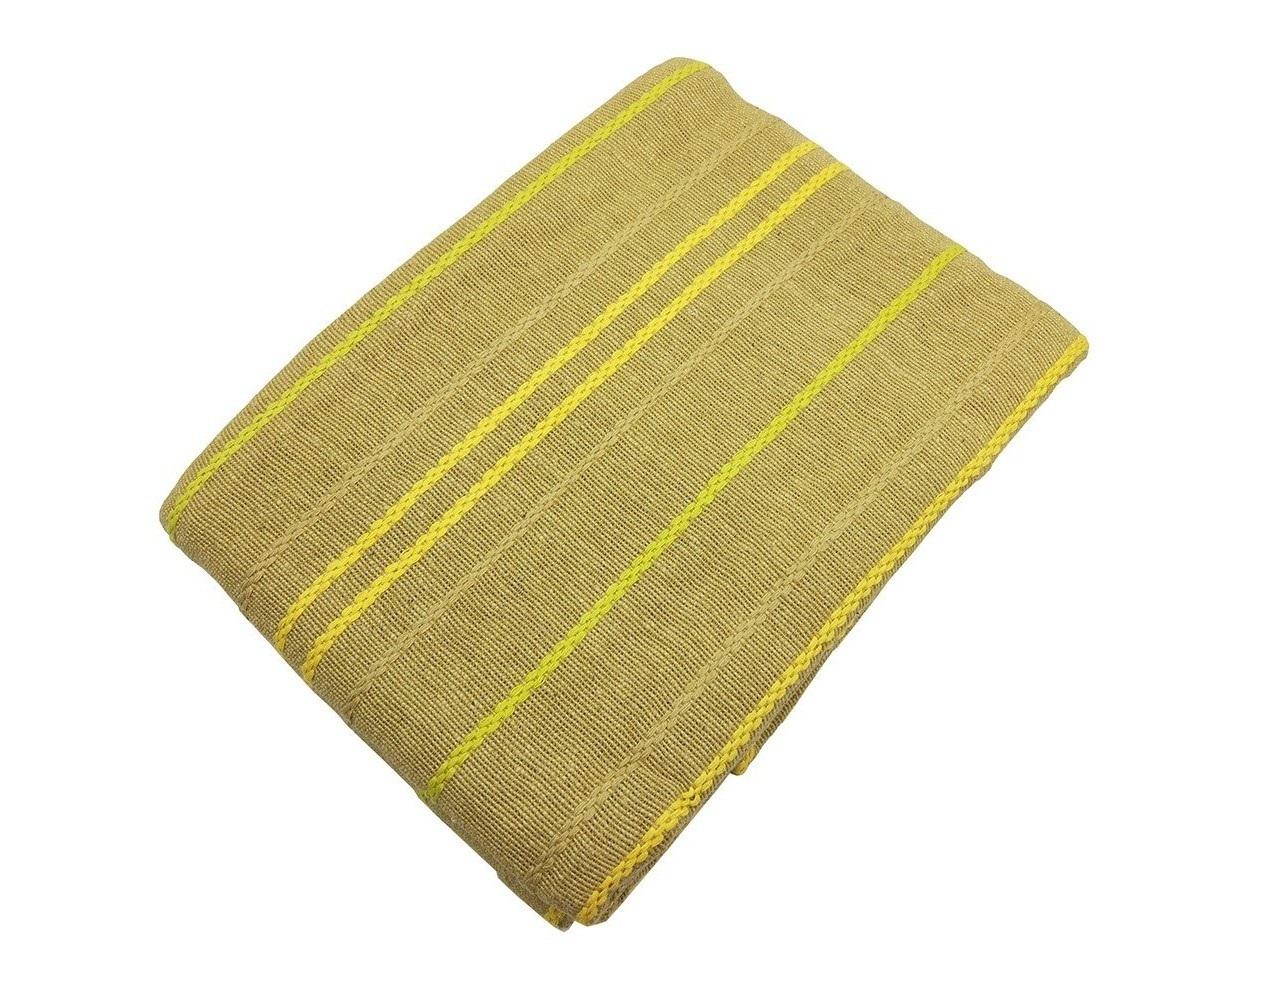 Покрывало СтокгольмПокрывала<br>Оригинальное тканное хлопковое покрывало болотного цвета с контрастными полосами. Обработка края - подгиб.<br><br>Material: Хлопок<br>Ширина см: 200<br>Глубина см: 240